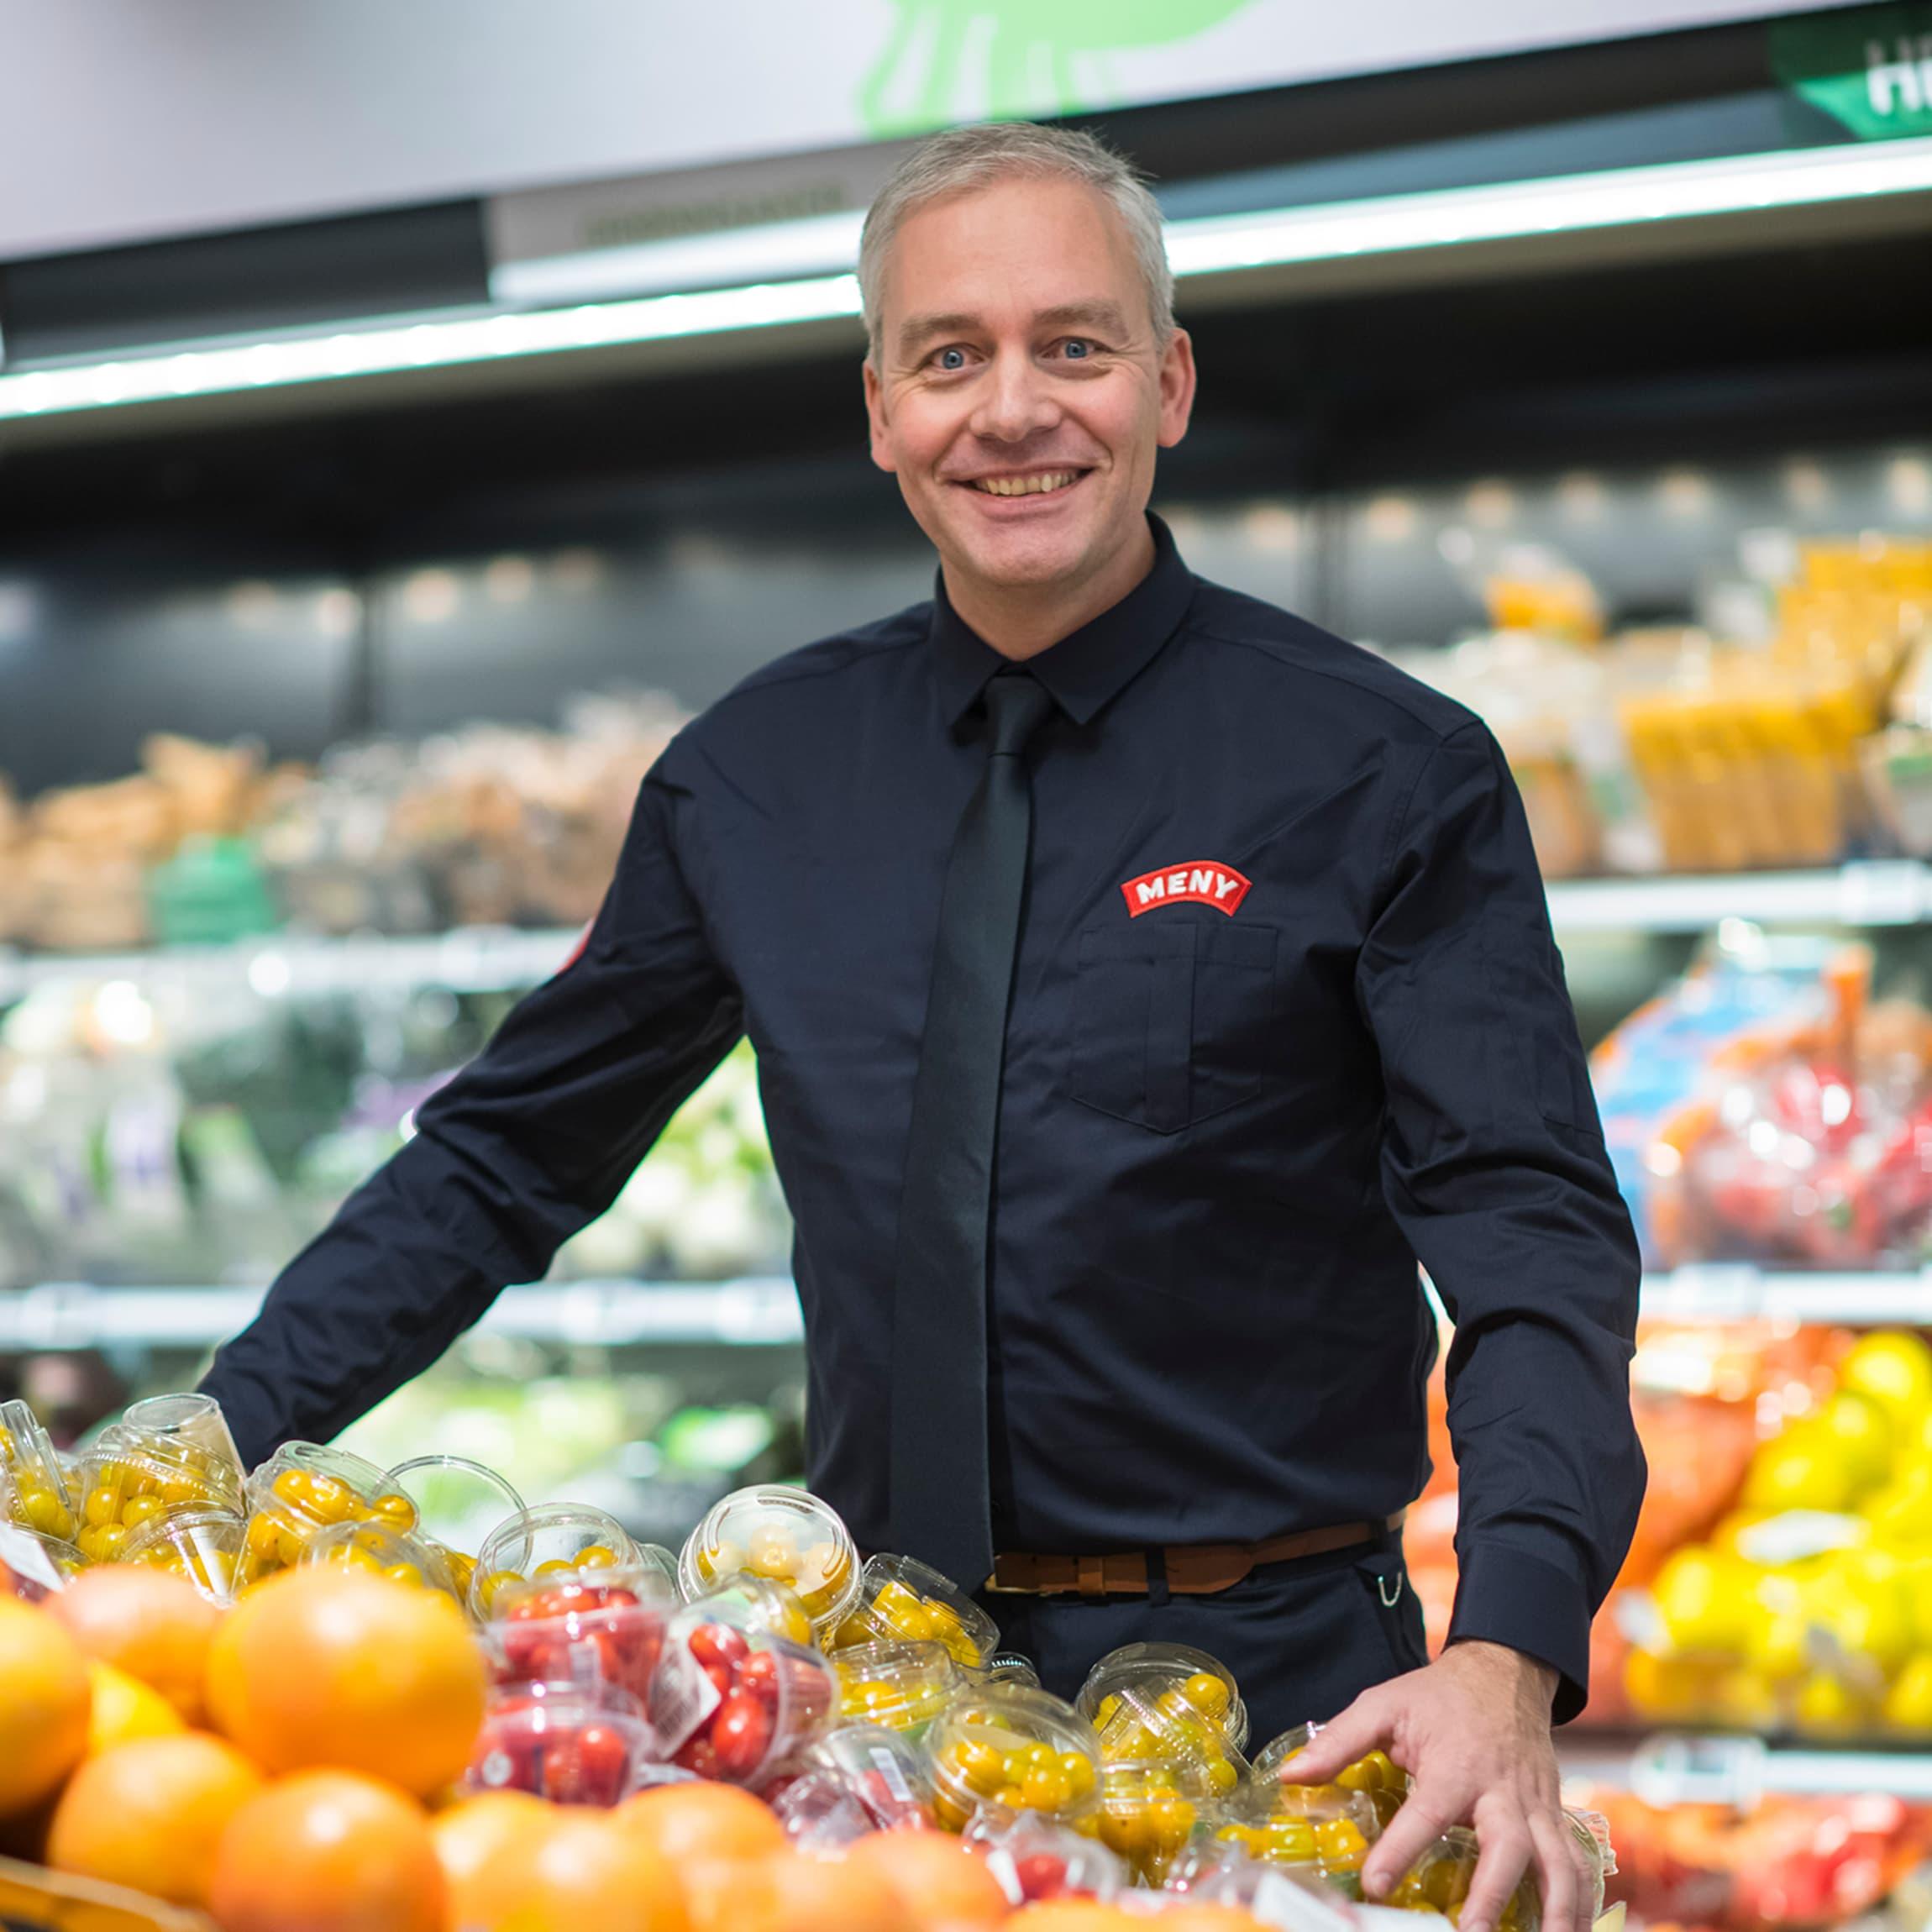 Einar Gundersen, kategoridirektør i MENY, imponert over innovasjonsevnen blant lokalmatleverandørene.